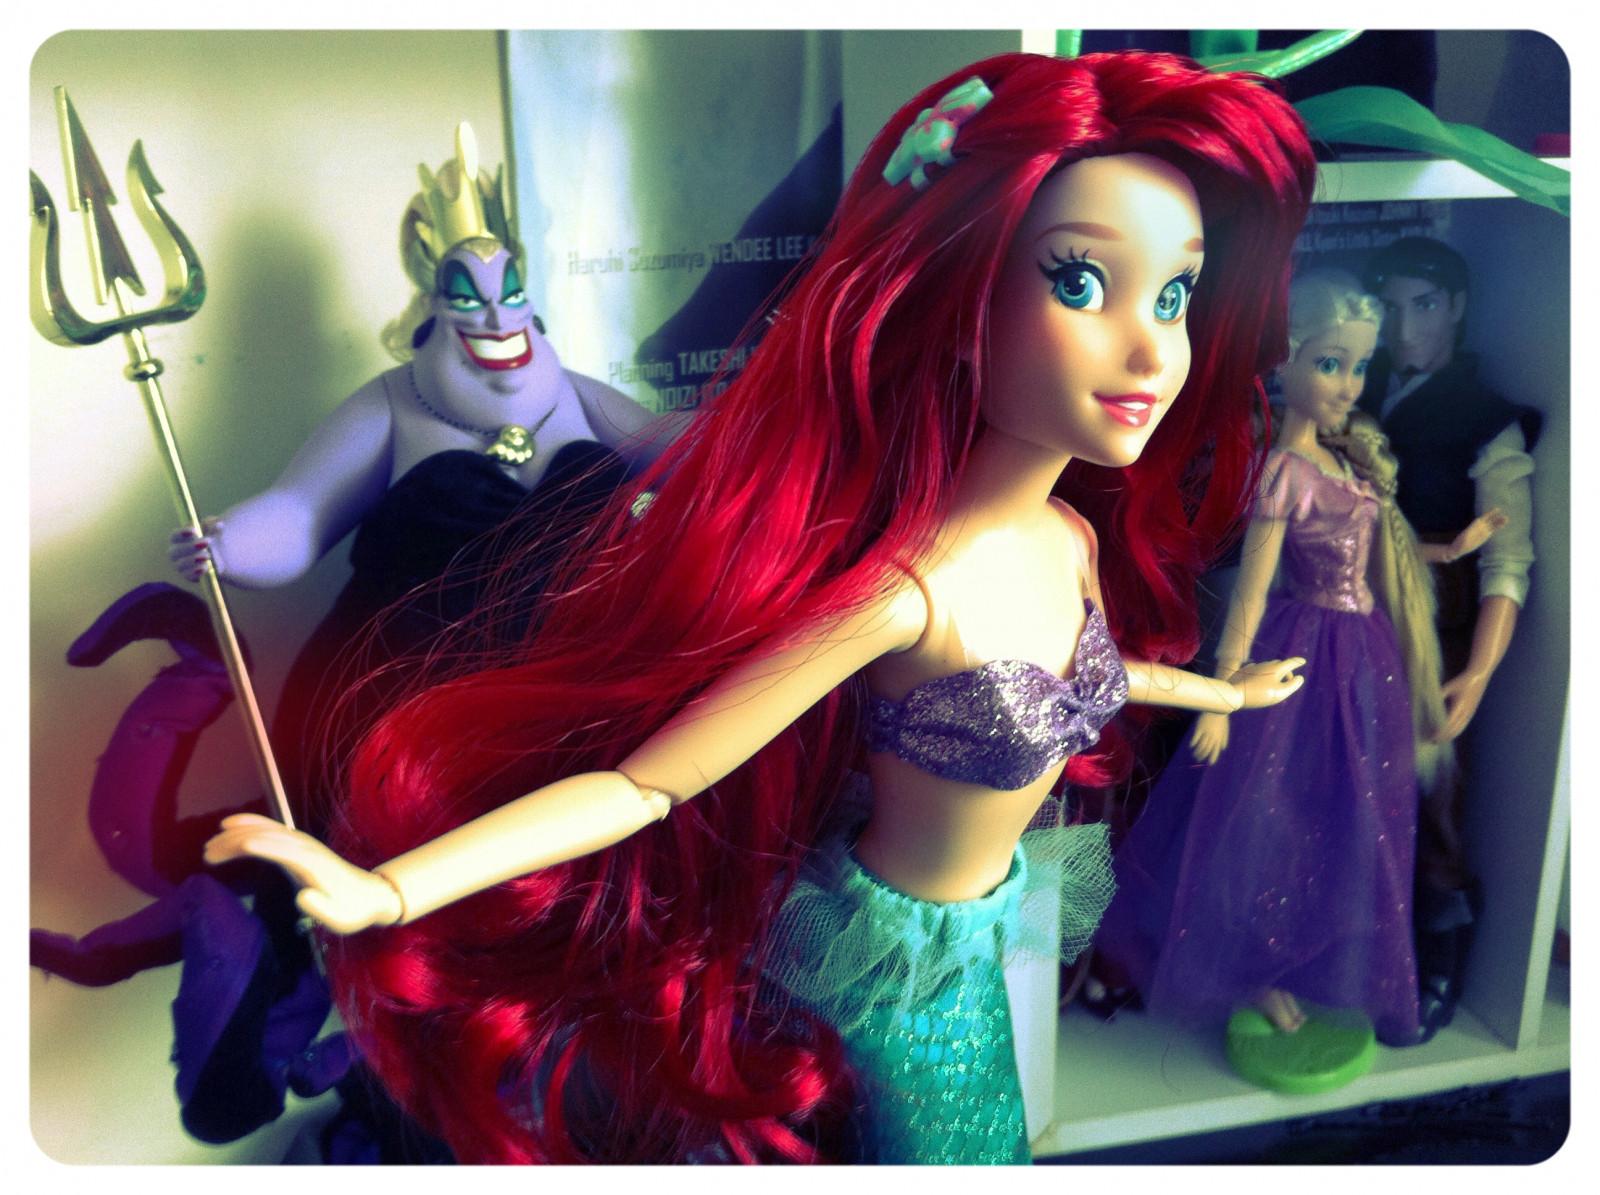 デスクトップ壁紙 アリエル 人形 ディズニー リトル マーメイド